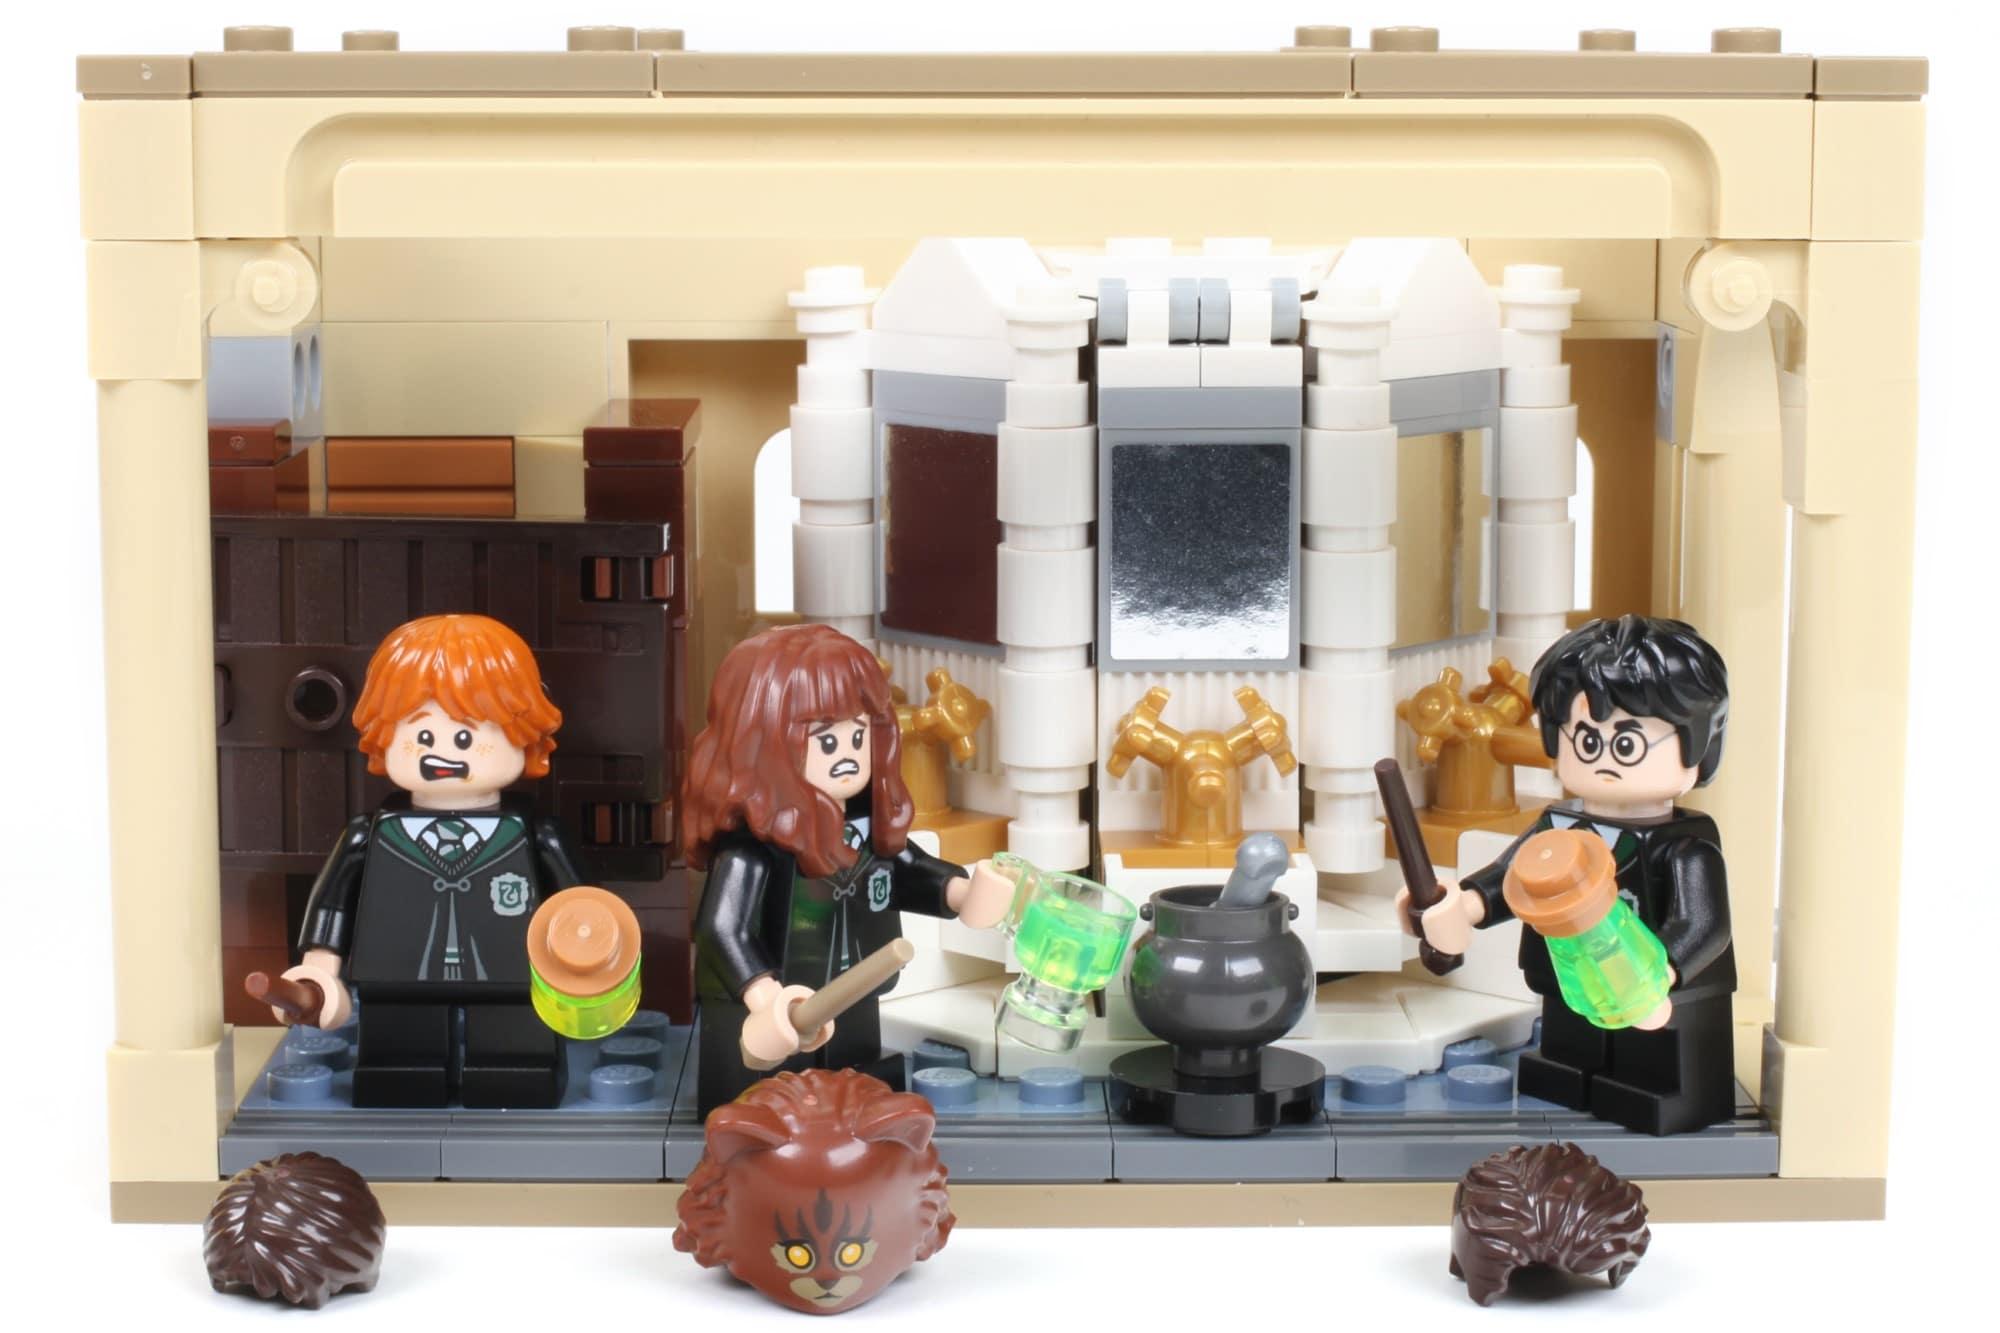 LEGO Harry Potter 76386 Hogwarts Misslungener Vielsafttrank (1)